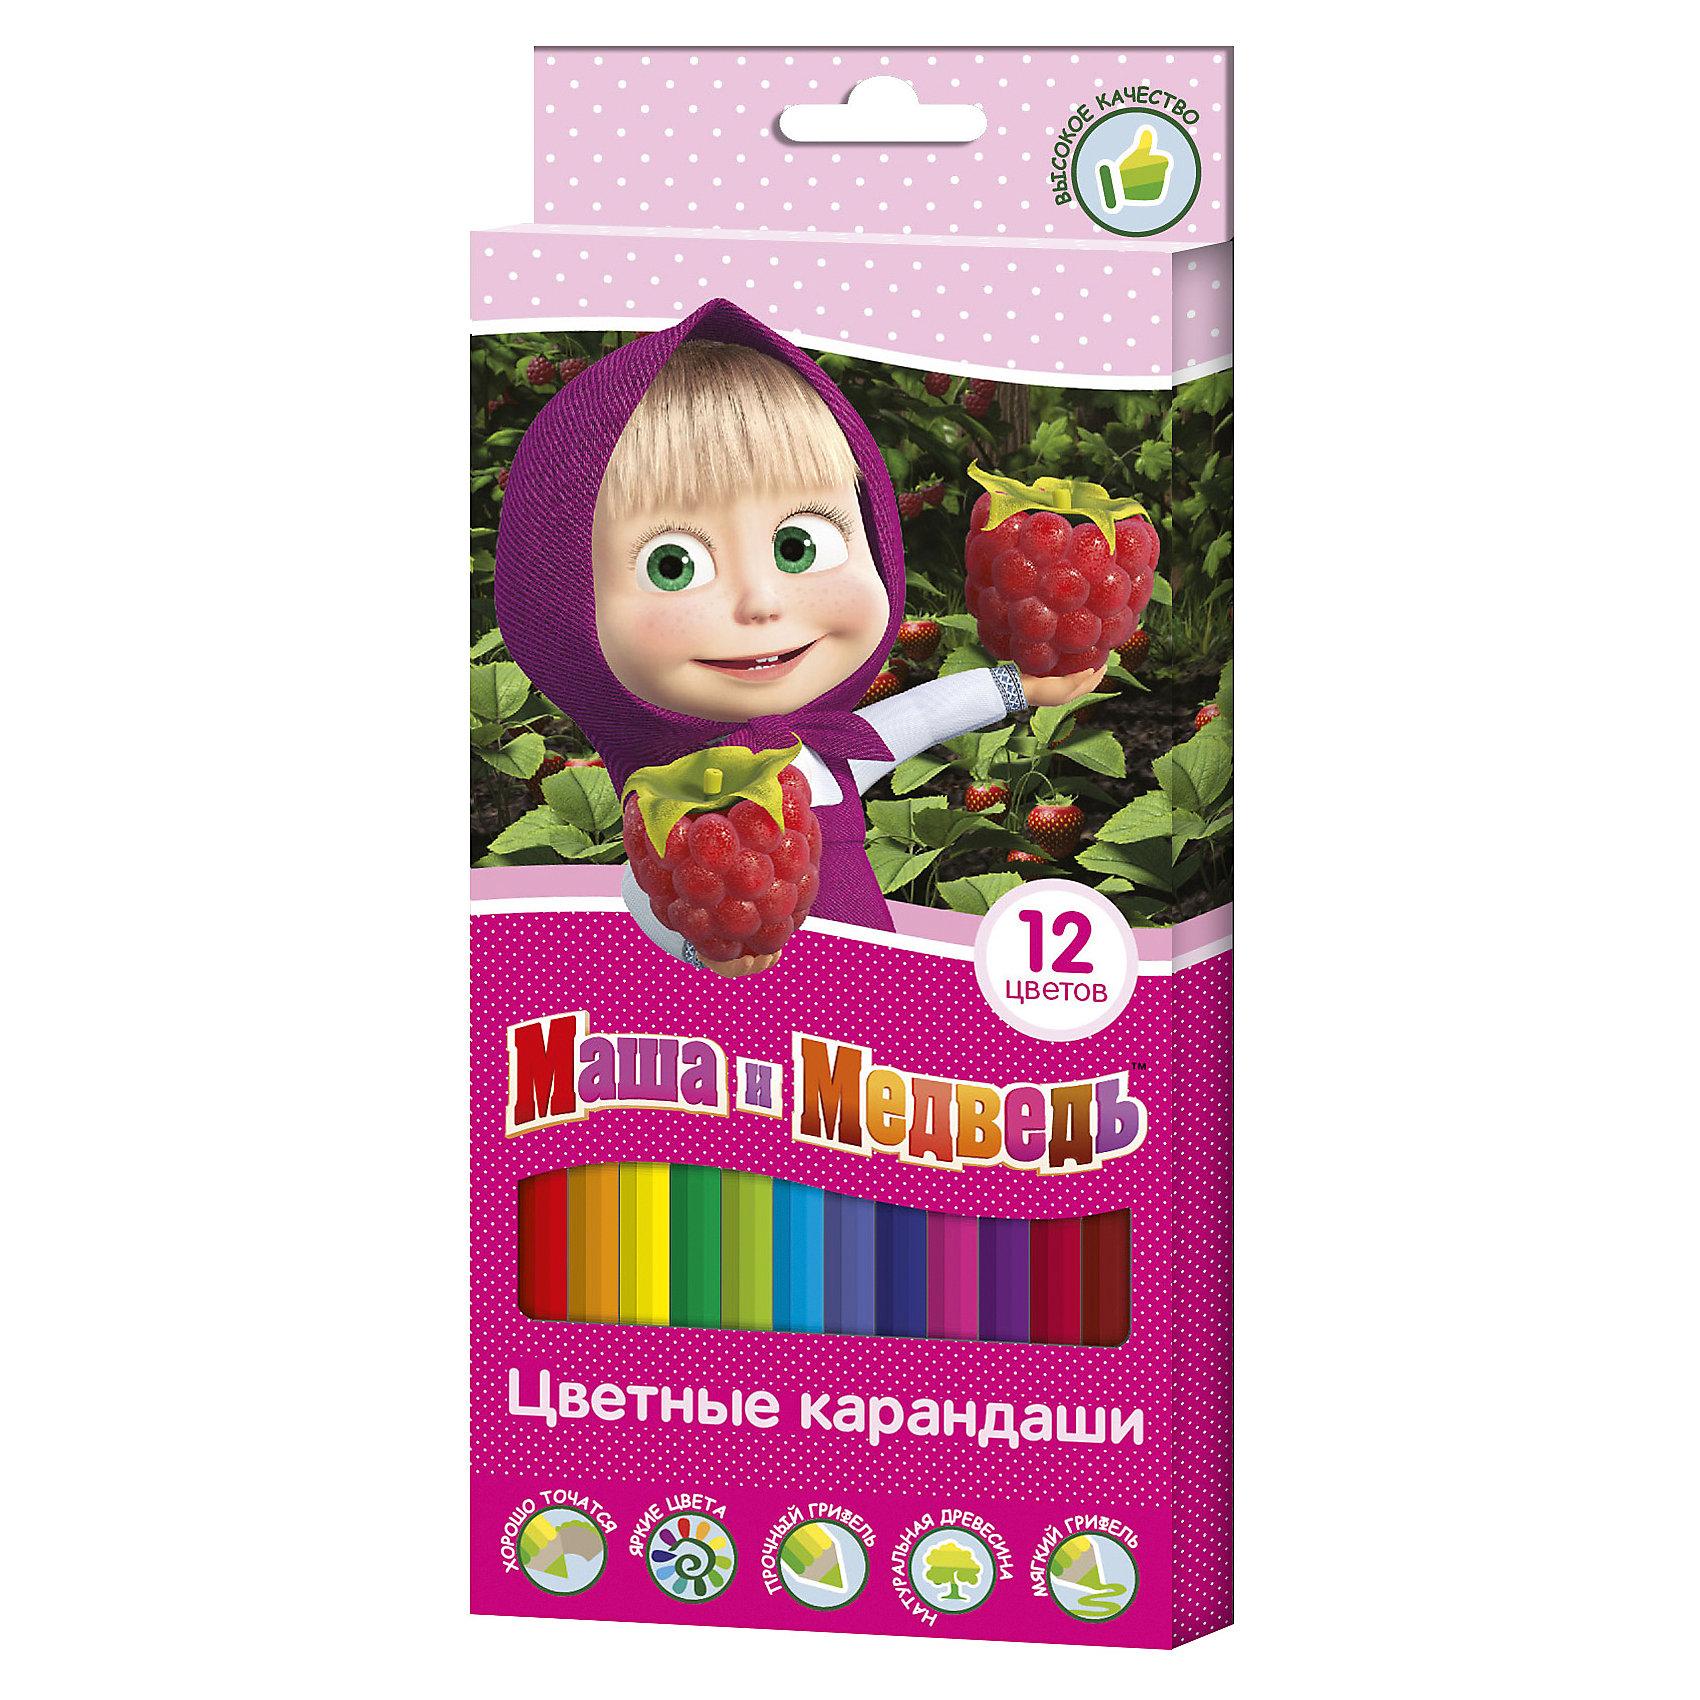 Цветные карандаши, 12 цветов, Маша и МедведьМаша и Медведь Товары для фанатов<br>Характеристики:<br><br>• возраст: от 3 лет<br>• в наборе: 12 разноцветных карандашей<br>• материал корпуса: древесина<br>• упаковка: картонная коробка с европодвесом<br>• размер упаковки: 9х20х0,8 см.<br>• срок годности не ограничен<br><br>Яркие карандаши «Маша и Медведь» помогут маленькой художнице создавать красивые картинки, а любимые герои вдохновят малышку на новые интересные идеи. <br><br>В набор входит 12 цветных мягких и одновременно прочных карандашей, идеально подходящих для рисования, письма и раскрашивания. Яркие линии получаются без сильного нажима. Благодаря высококачественной древесине, карандаши легко затачиваются. Прочный грифель не крошится при падении и не ломается при заточке.<br><br>Цветные карандаши, 12 цветов, Маша и Медведь можно купить в нашем интернет-магазине.<br><br>Ширина мм: 90<br>Глубина мм: 8<br>Высота мм: 202<br>Вес г: 83<br>Возраст от месяцев: 36<br>Возраст до месяцев: 2147483647<br>Пол: Женский<br>Возраст: Детский<br>SKU: 6963169